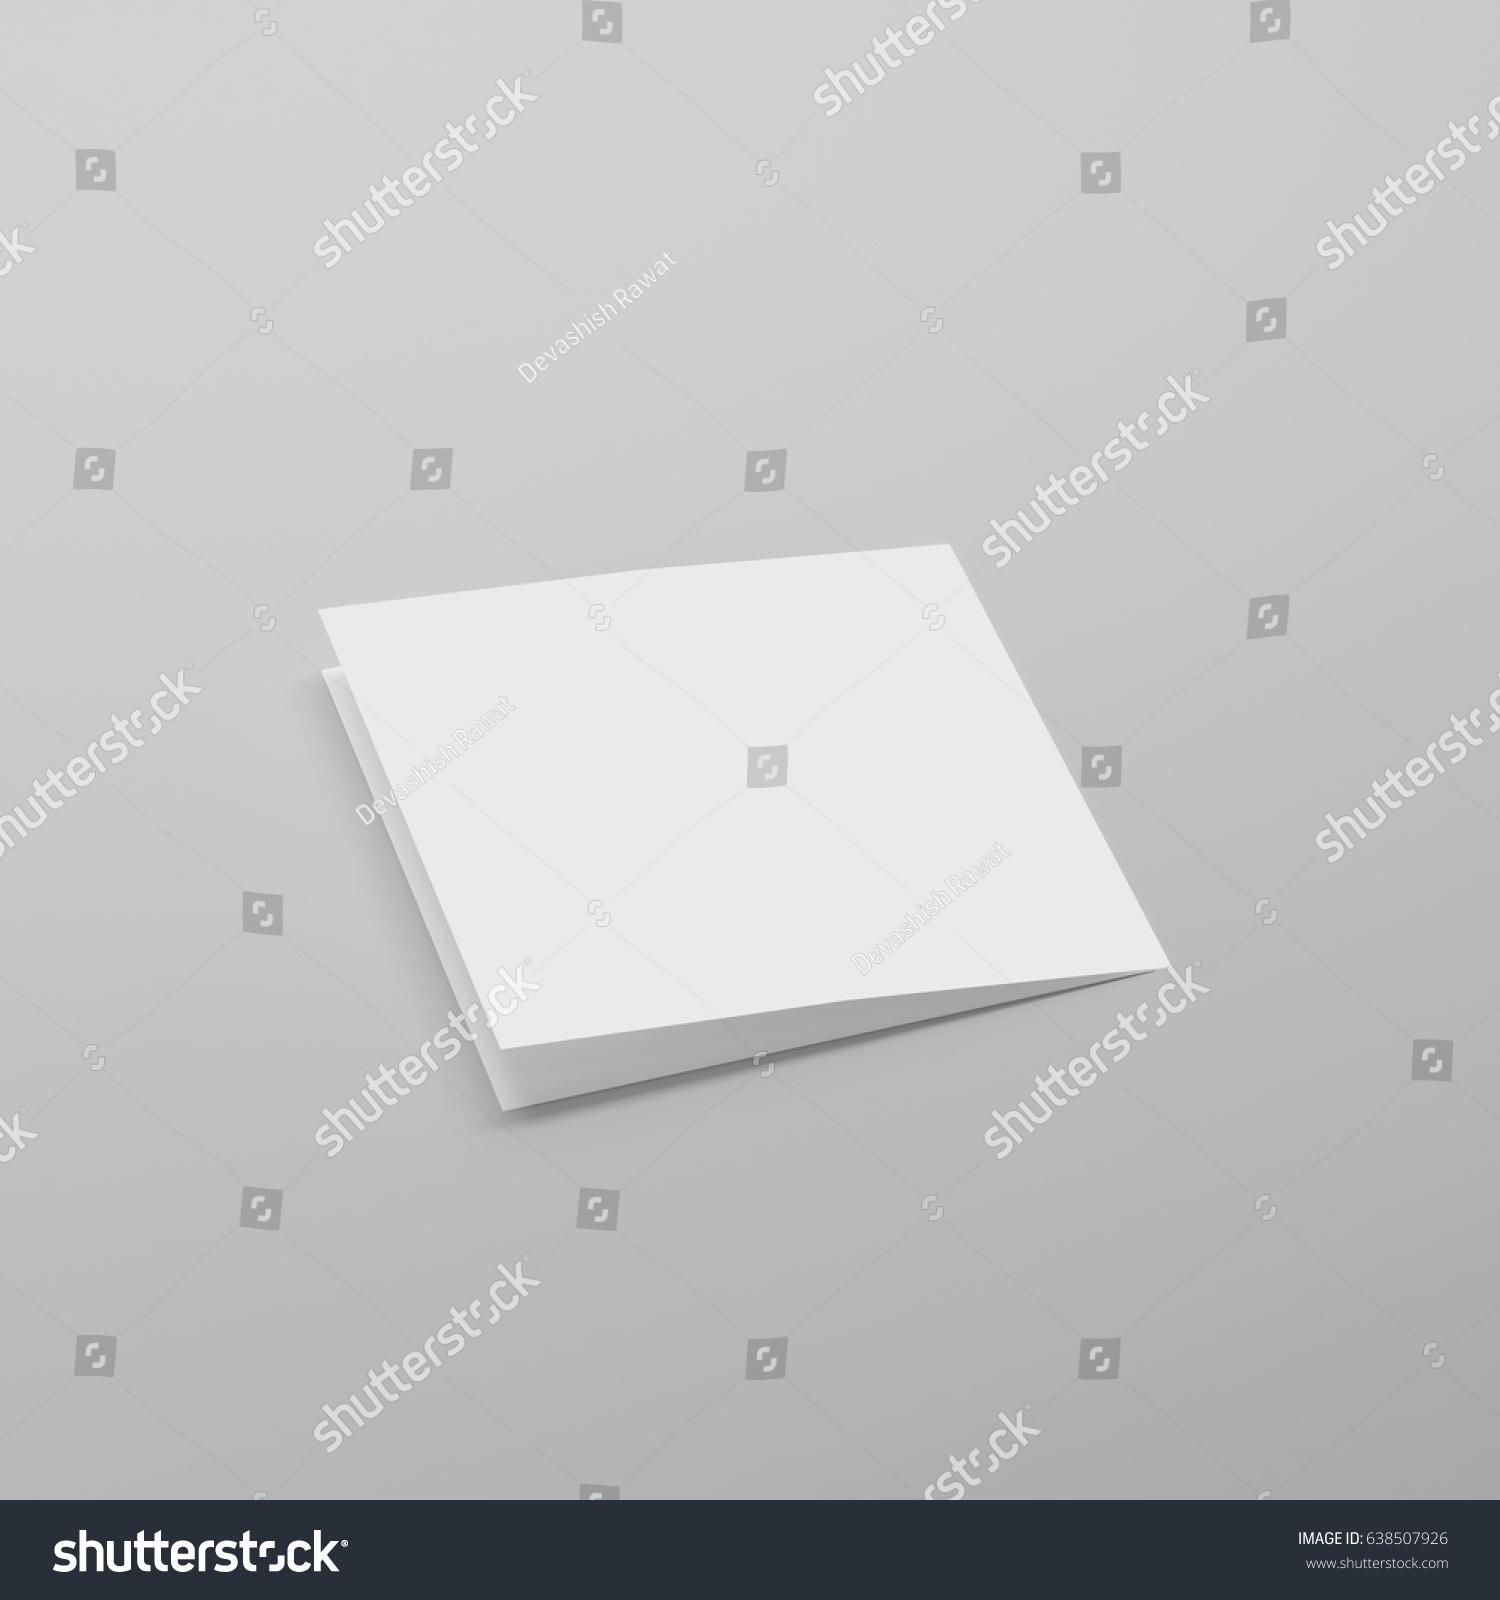 blank pamphlet template. Black Bedroom Furniture Sets. Home Design Ideas